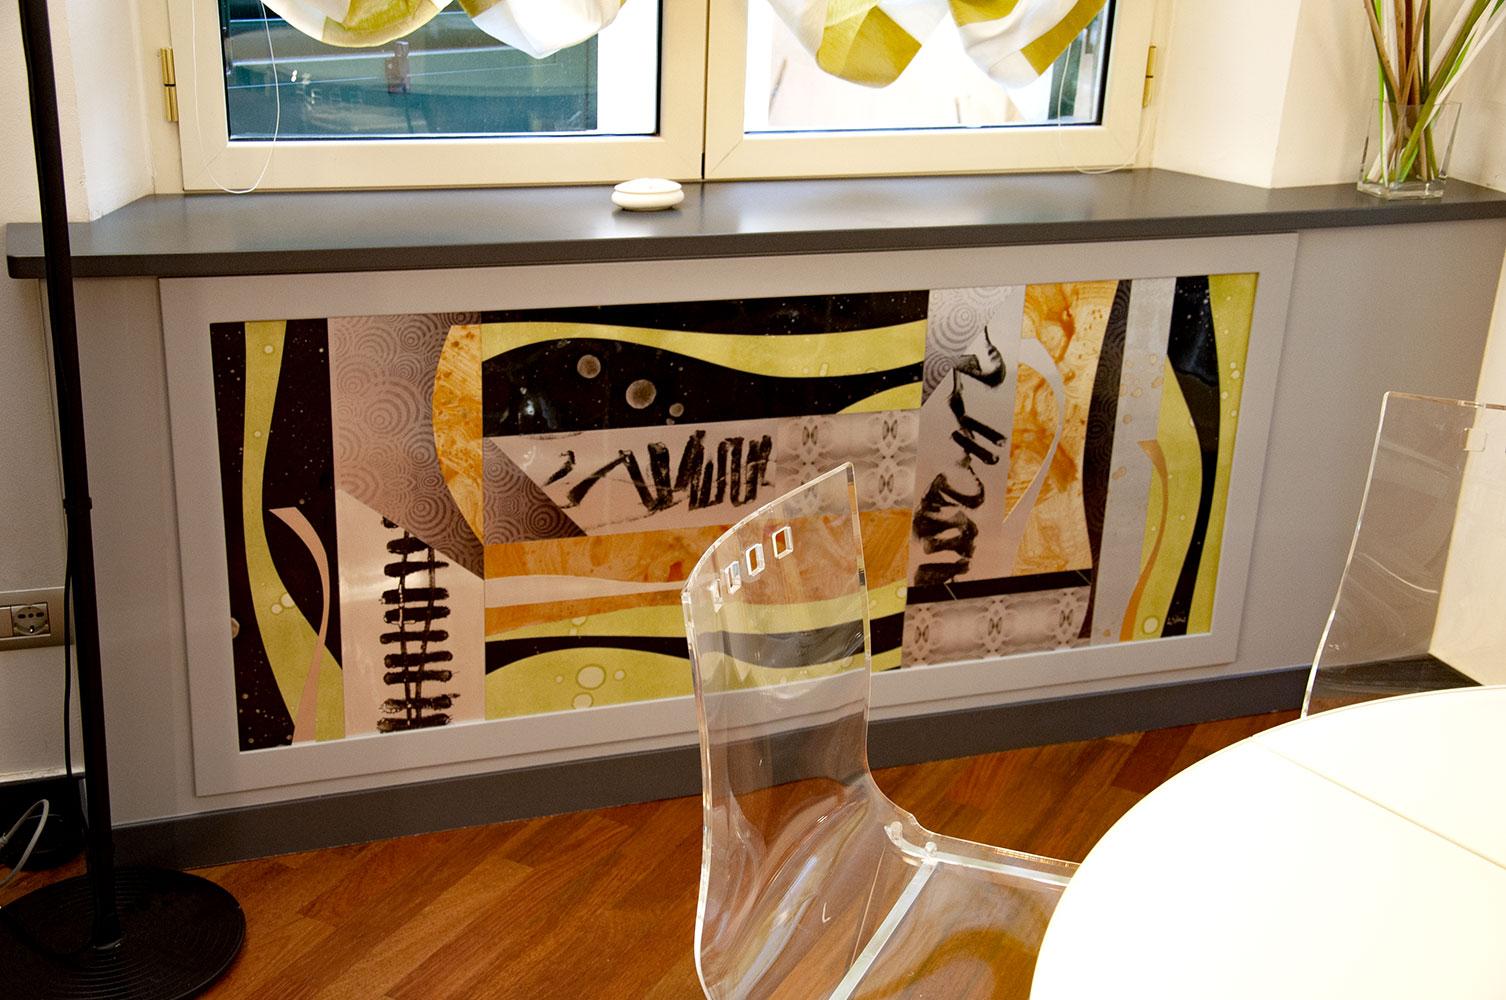 pannelli-decorativi-per-ambienti-privati-10